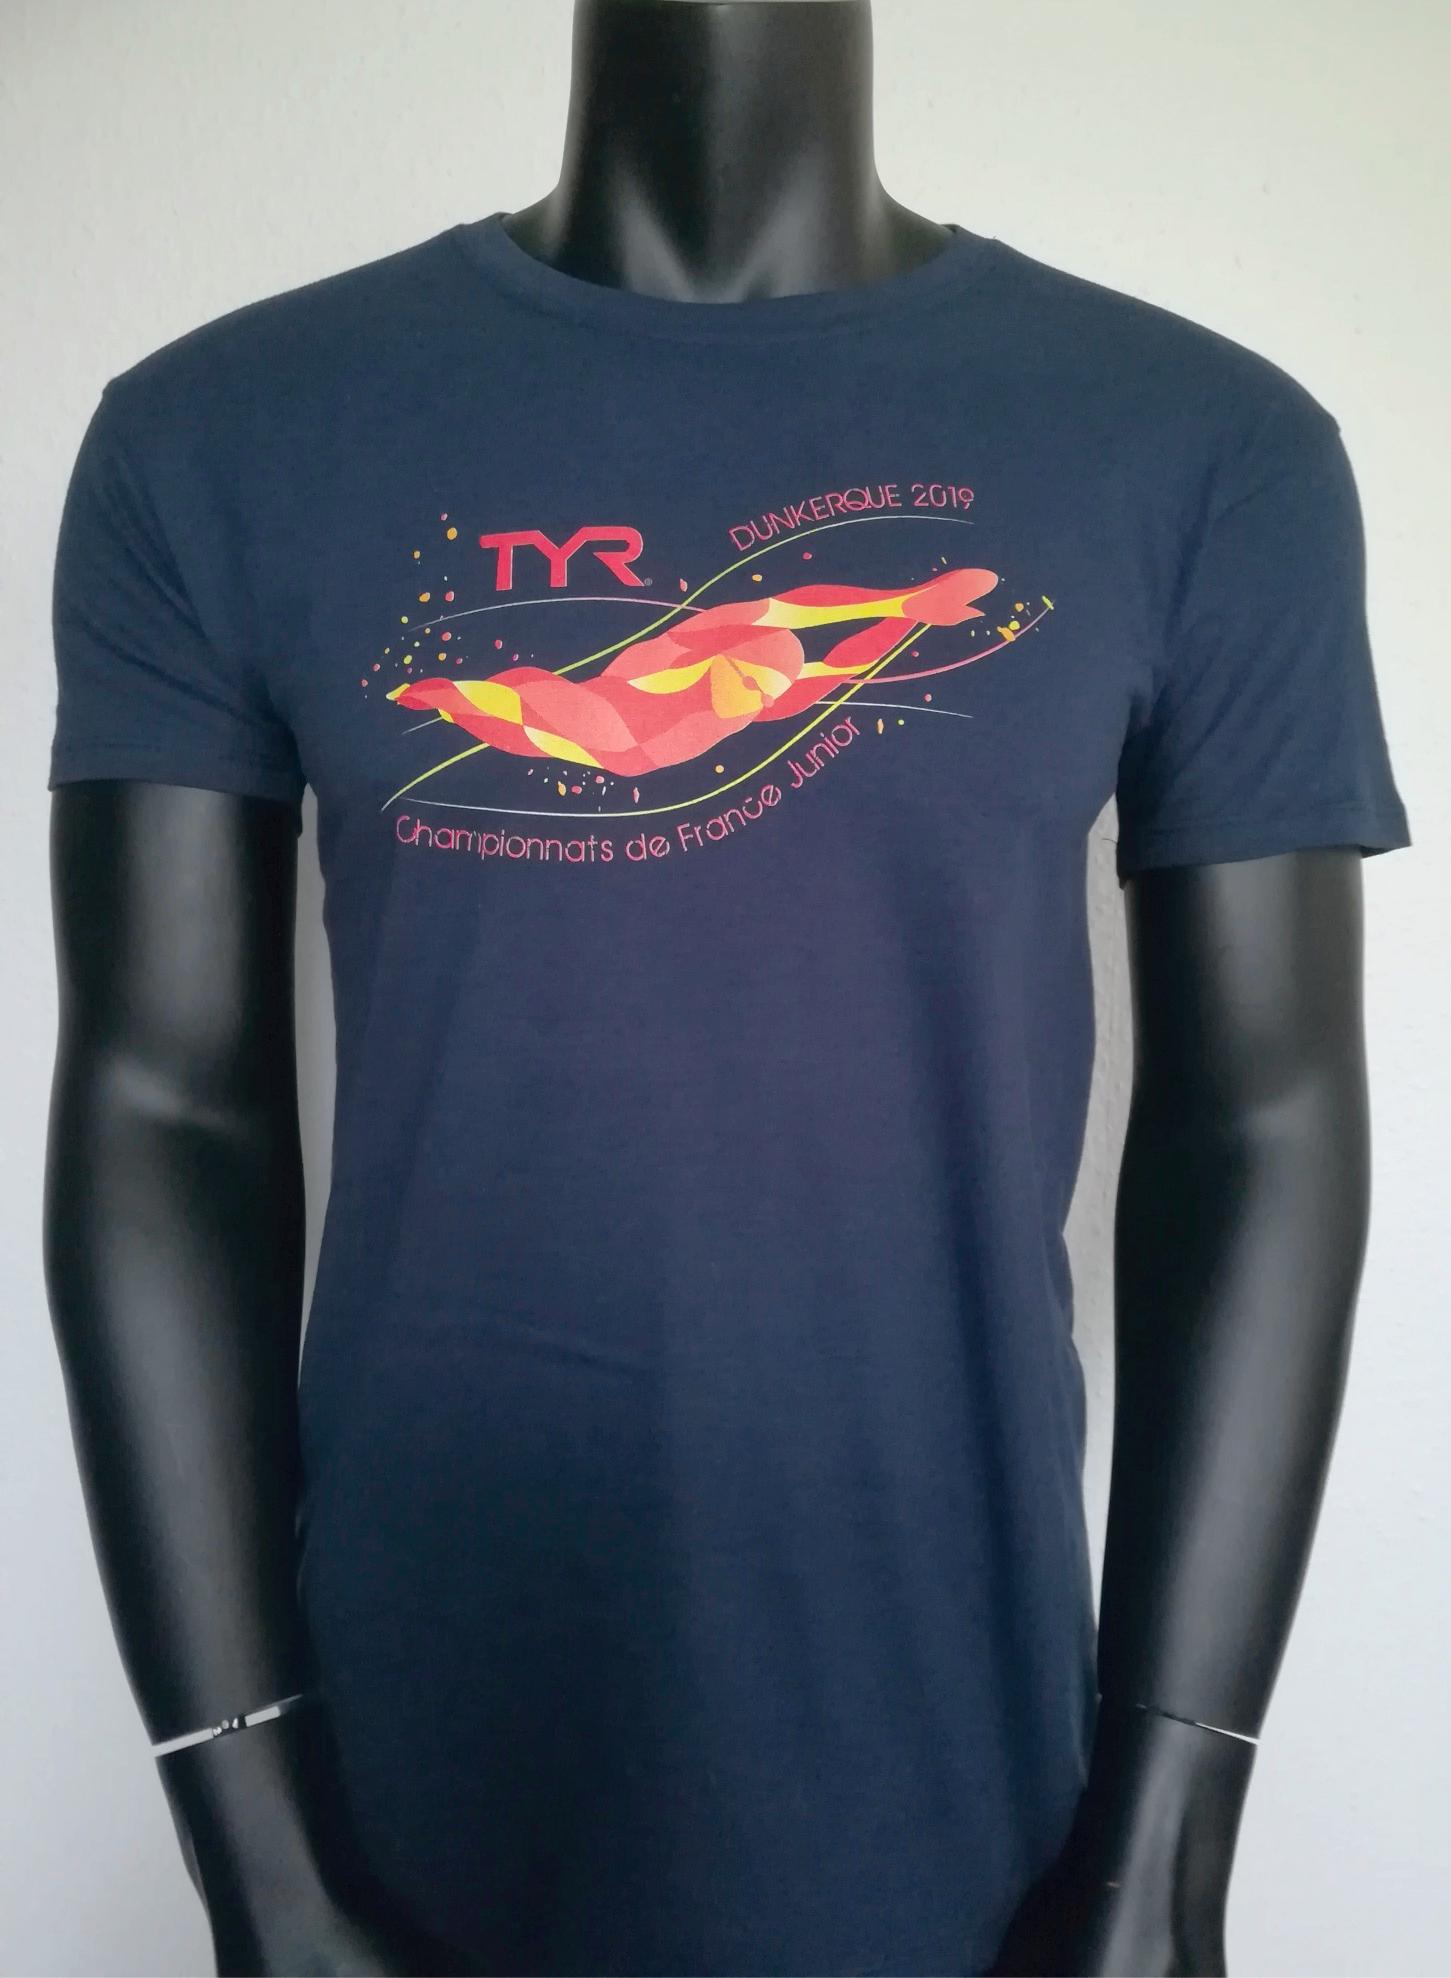 T-shirt coton marine avec impression digitale face avant.Encore un exemple parfait devisueldestinéaêtreseulementréaliséenimpressiondigitaleDTG.